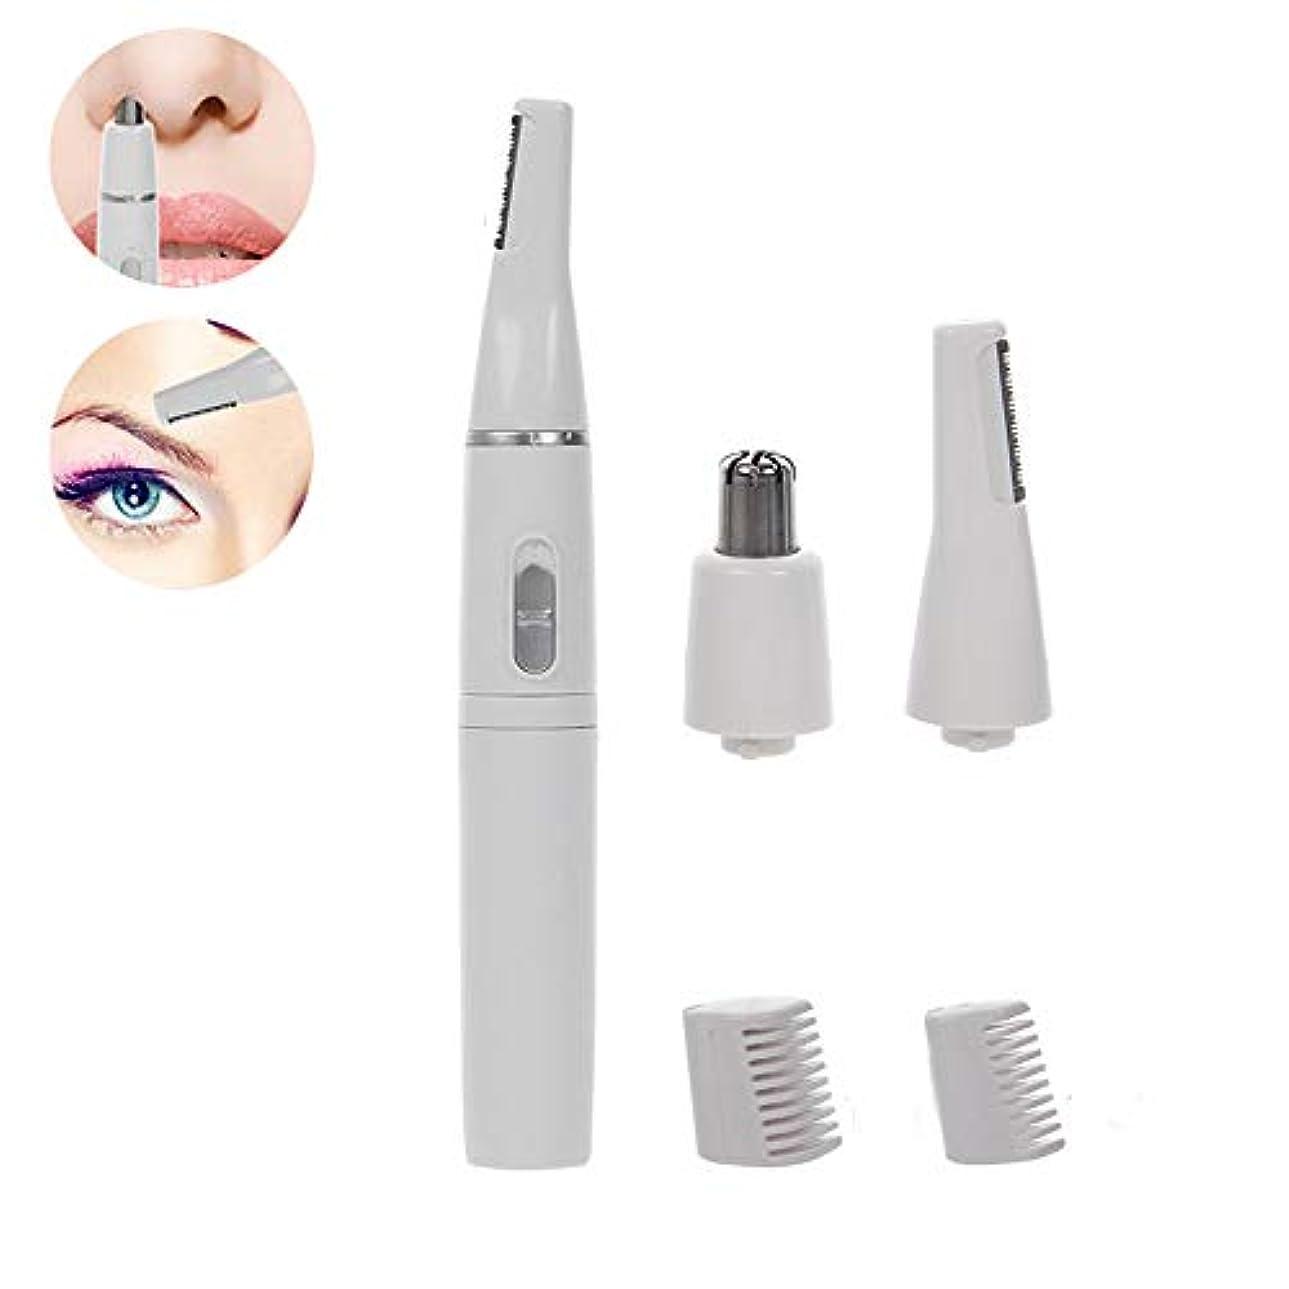 副詞線形ライター電動眉毛整形ナイフ、2 in 1鼻毛、かみそり防水、ユニセックス